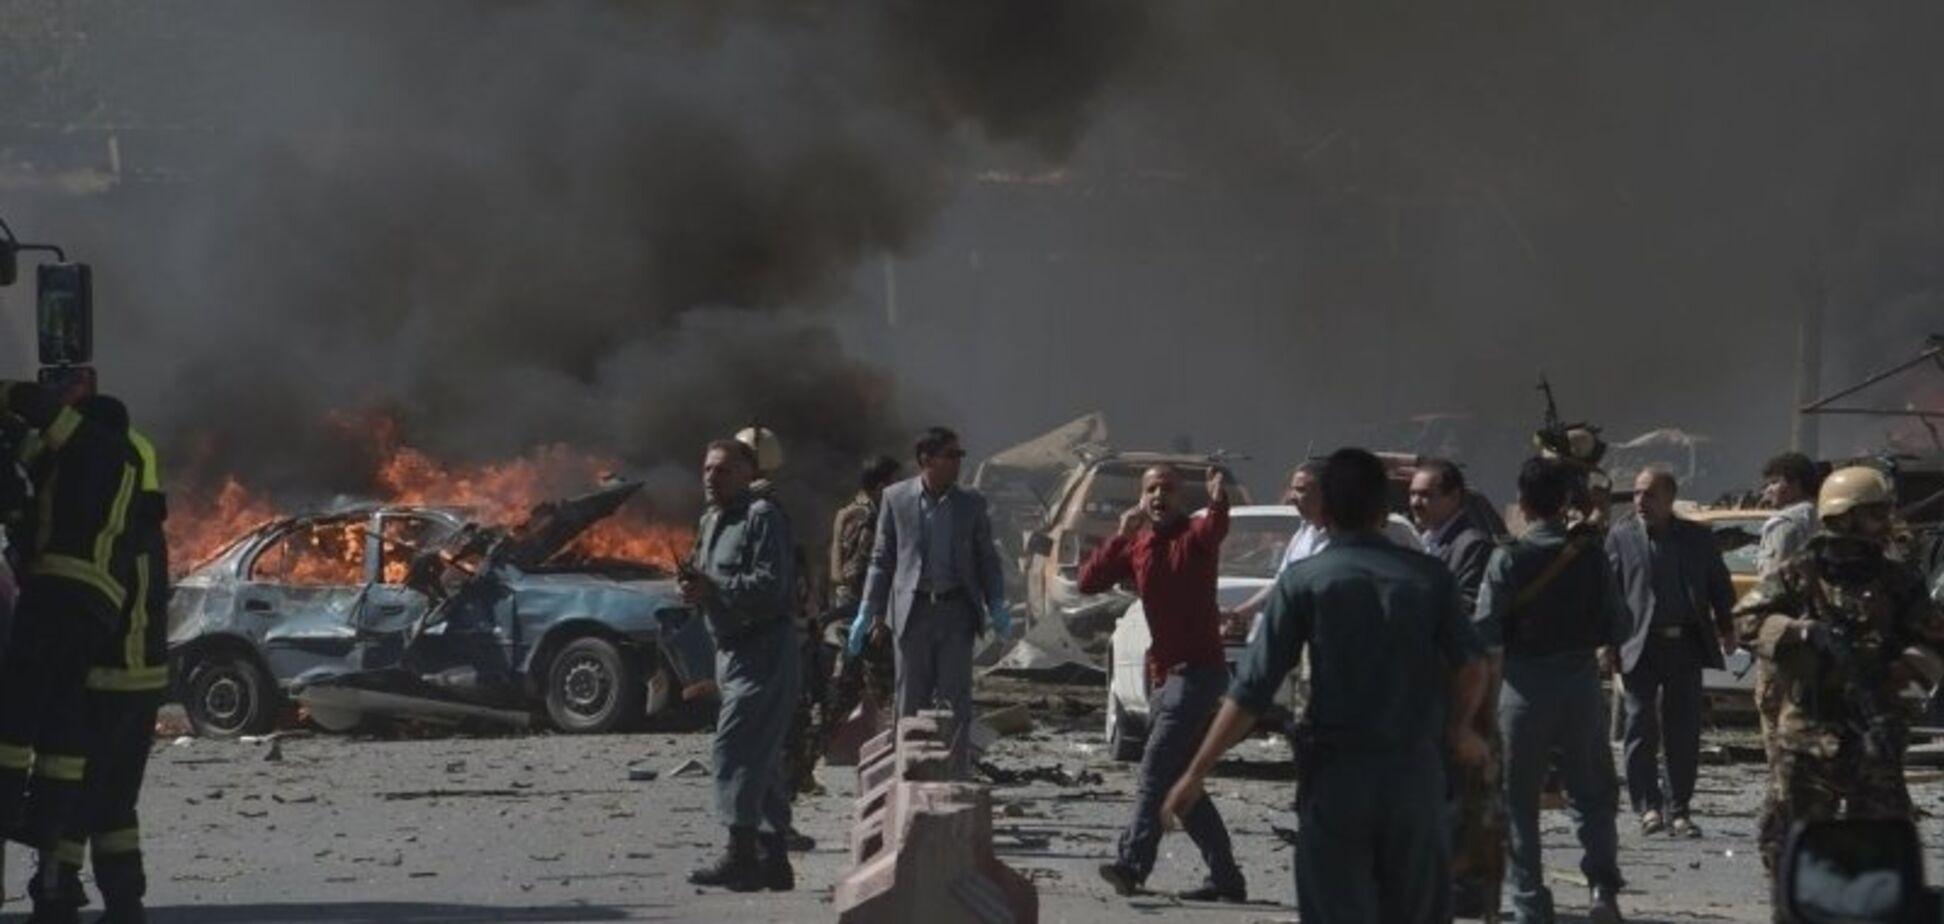 В столице Афганистана произошел новый масштабный теракт: десятки погибших и раненых